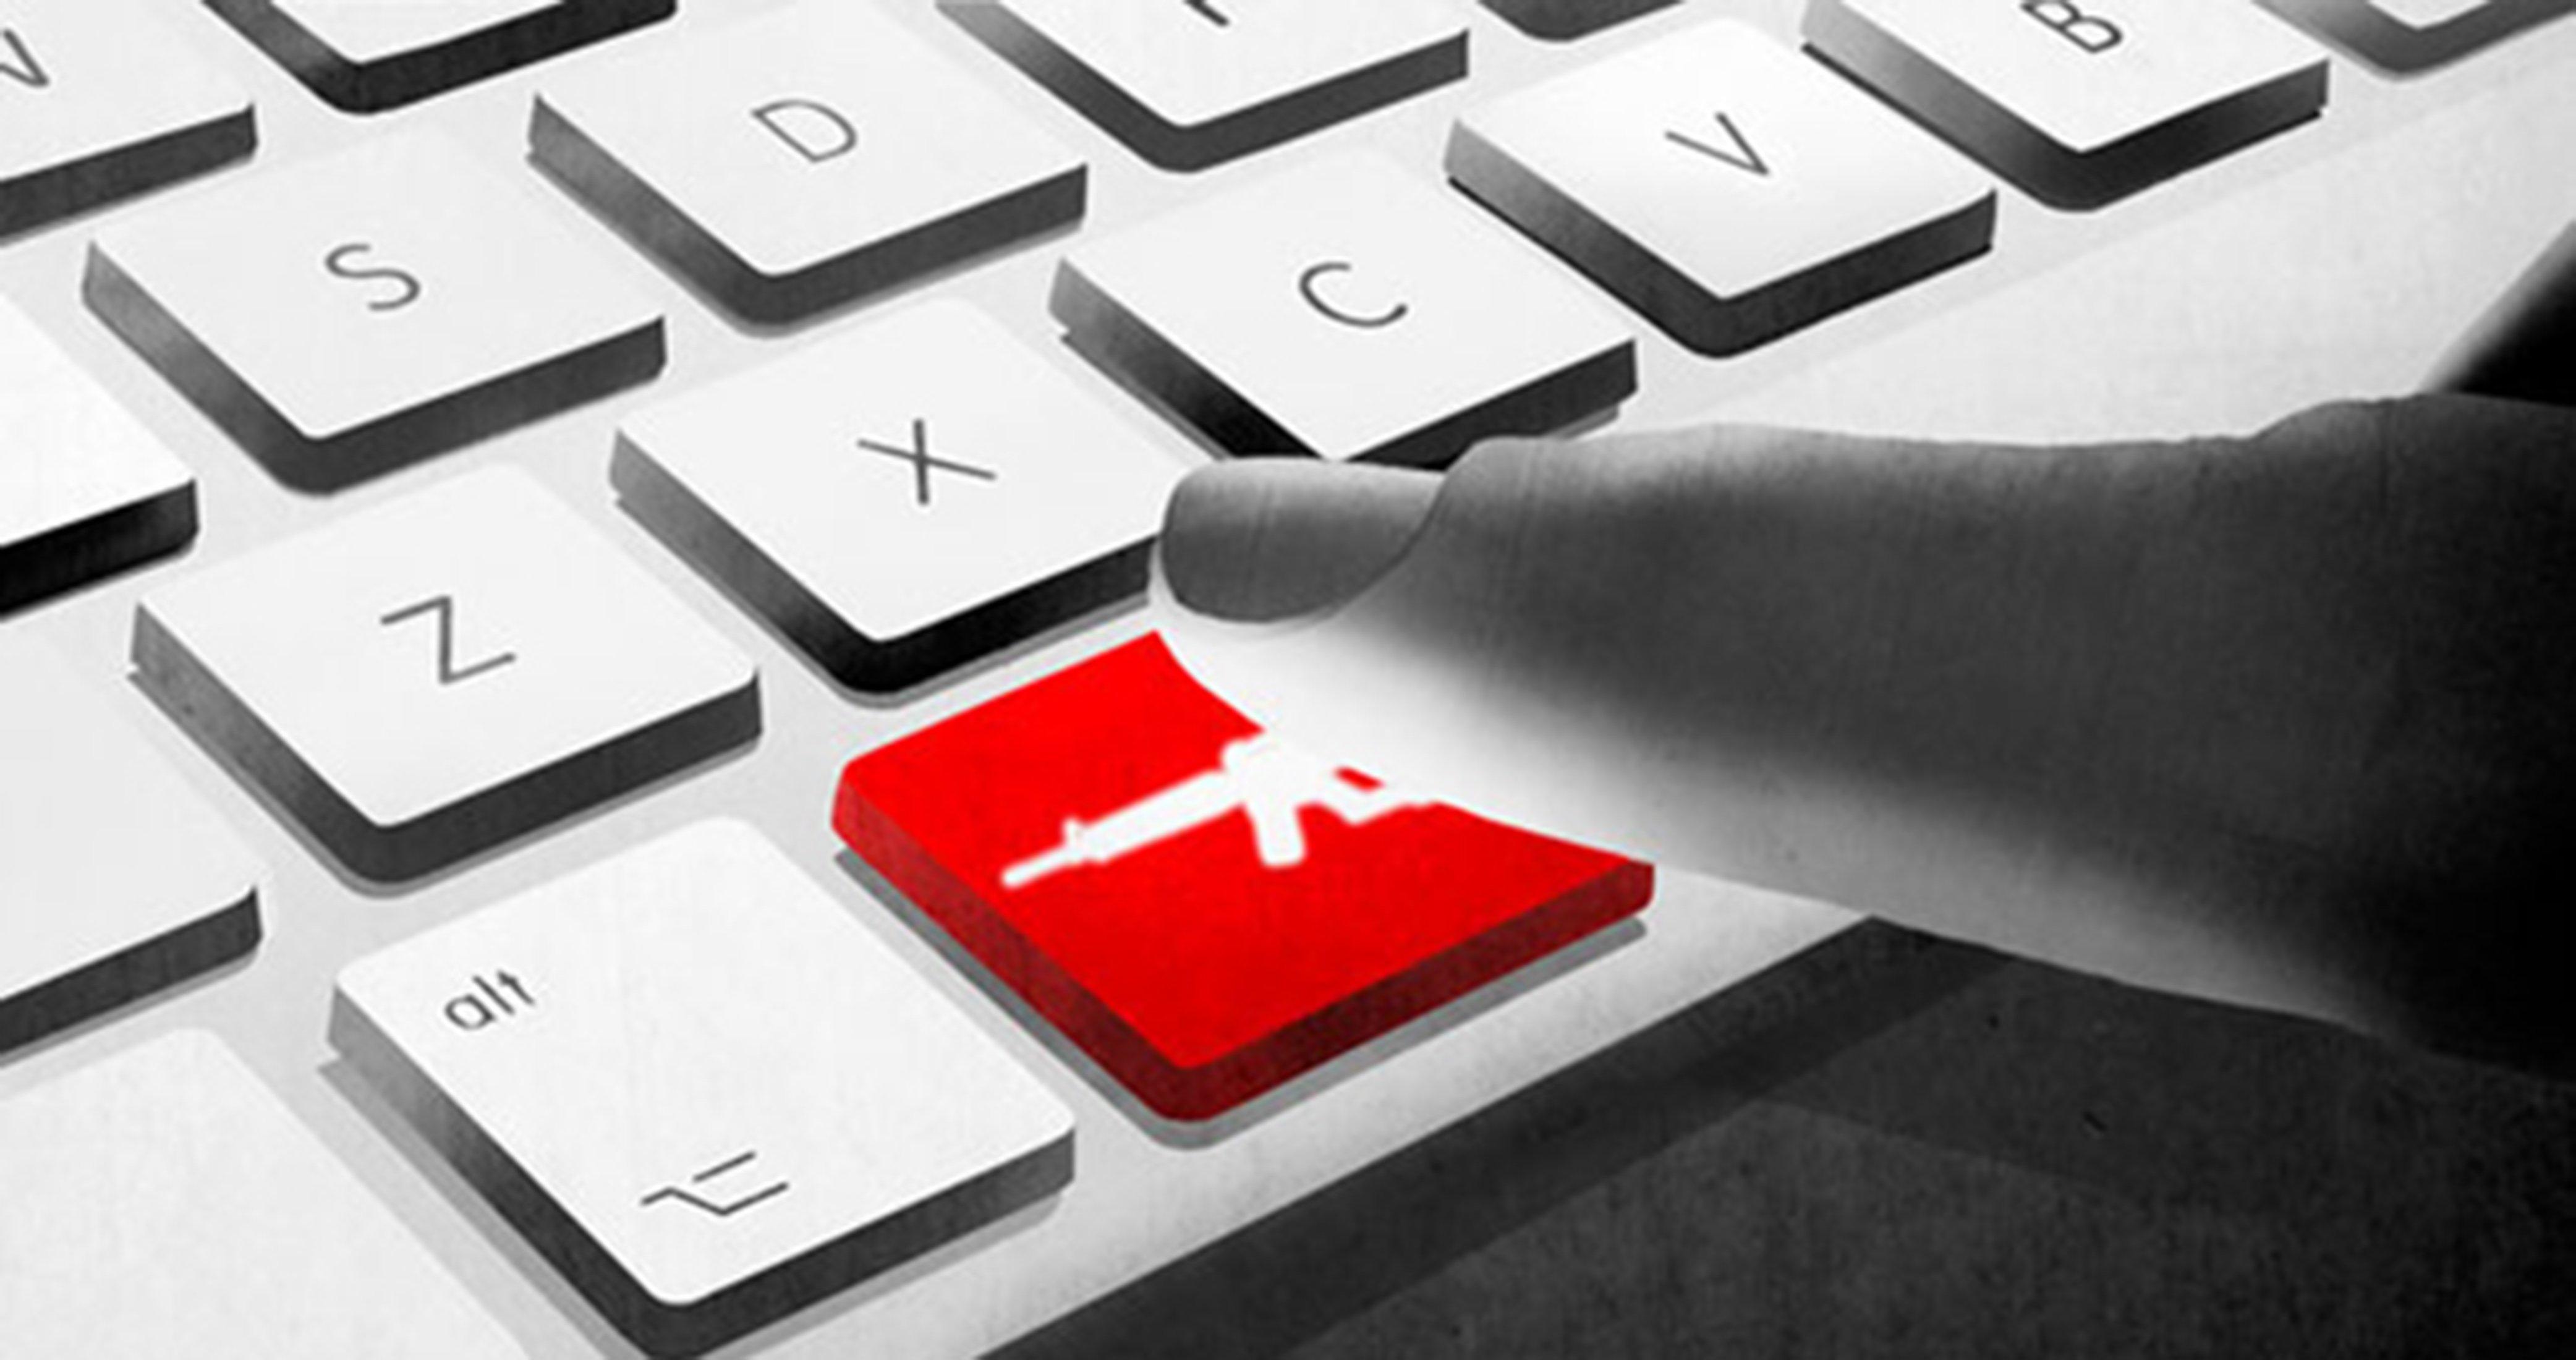 باید برای پاسخ به تجاوز سایبری آماده شد